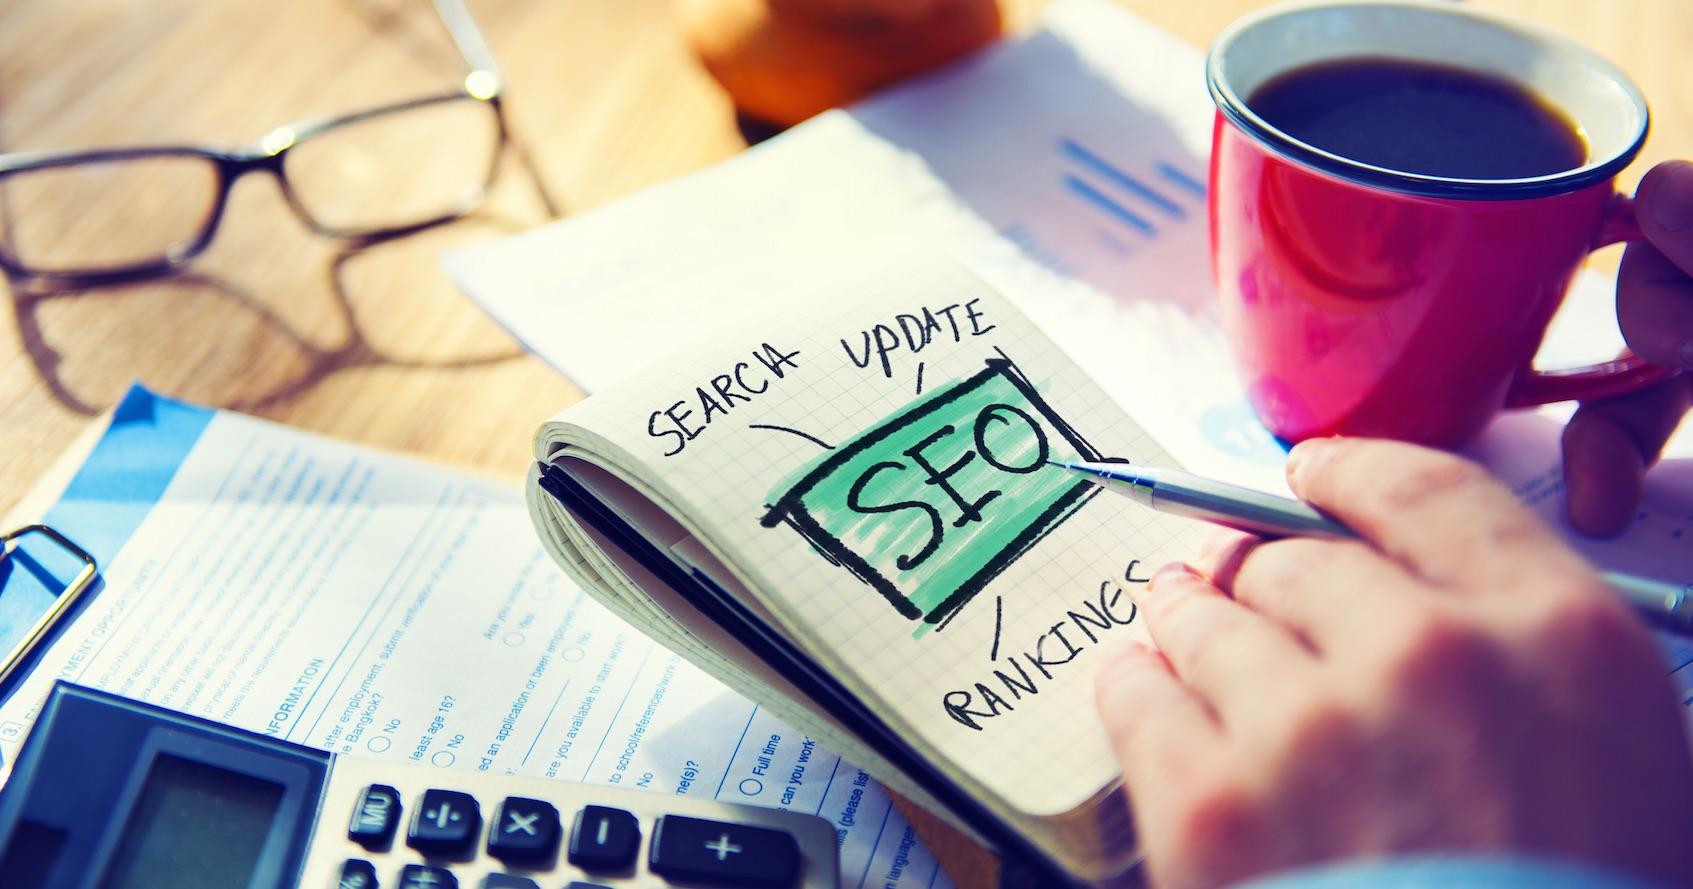 Otimização de Sites (SEO) » Meu site na Primeira Página do Google